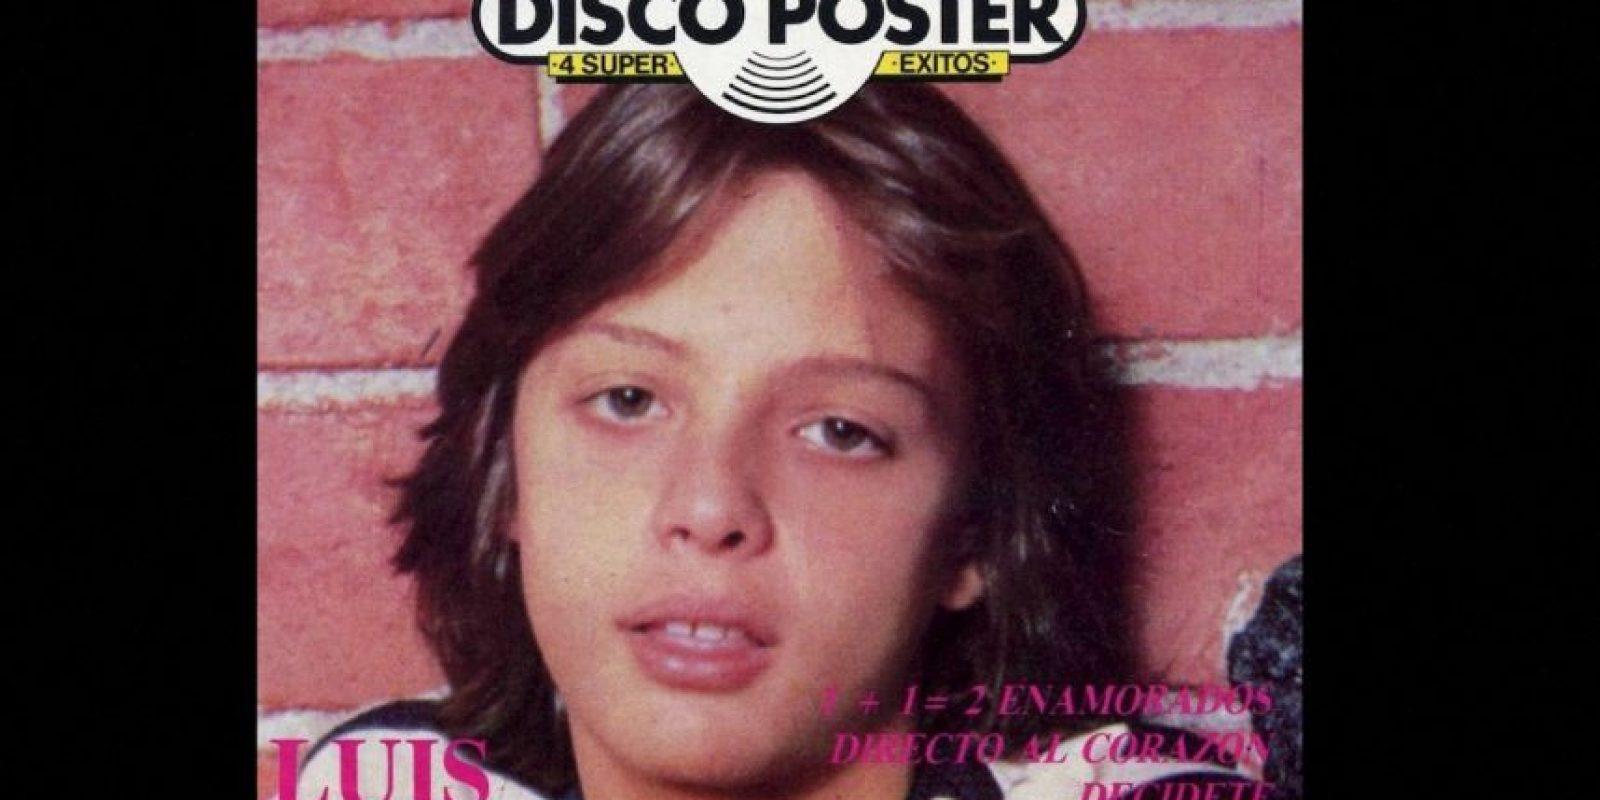 Luis Miguel en los años 80 comenzó como ídolo adolescente. En 1984 participó en el cine. Foto:Coveralia